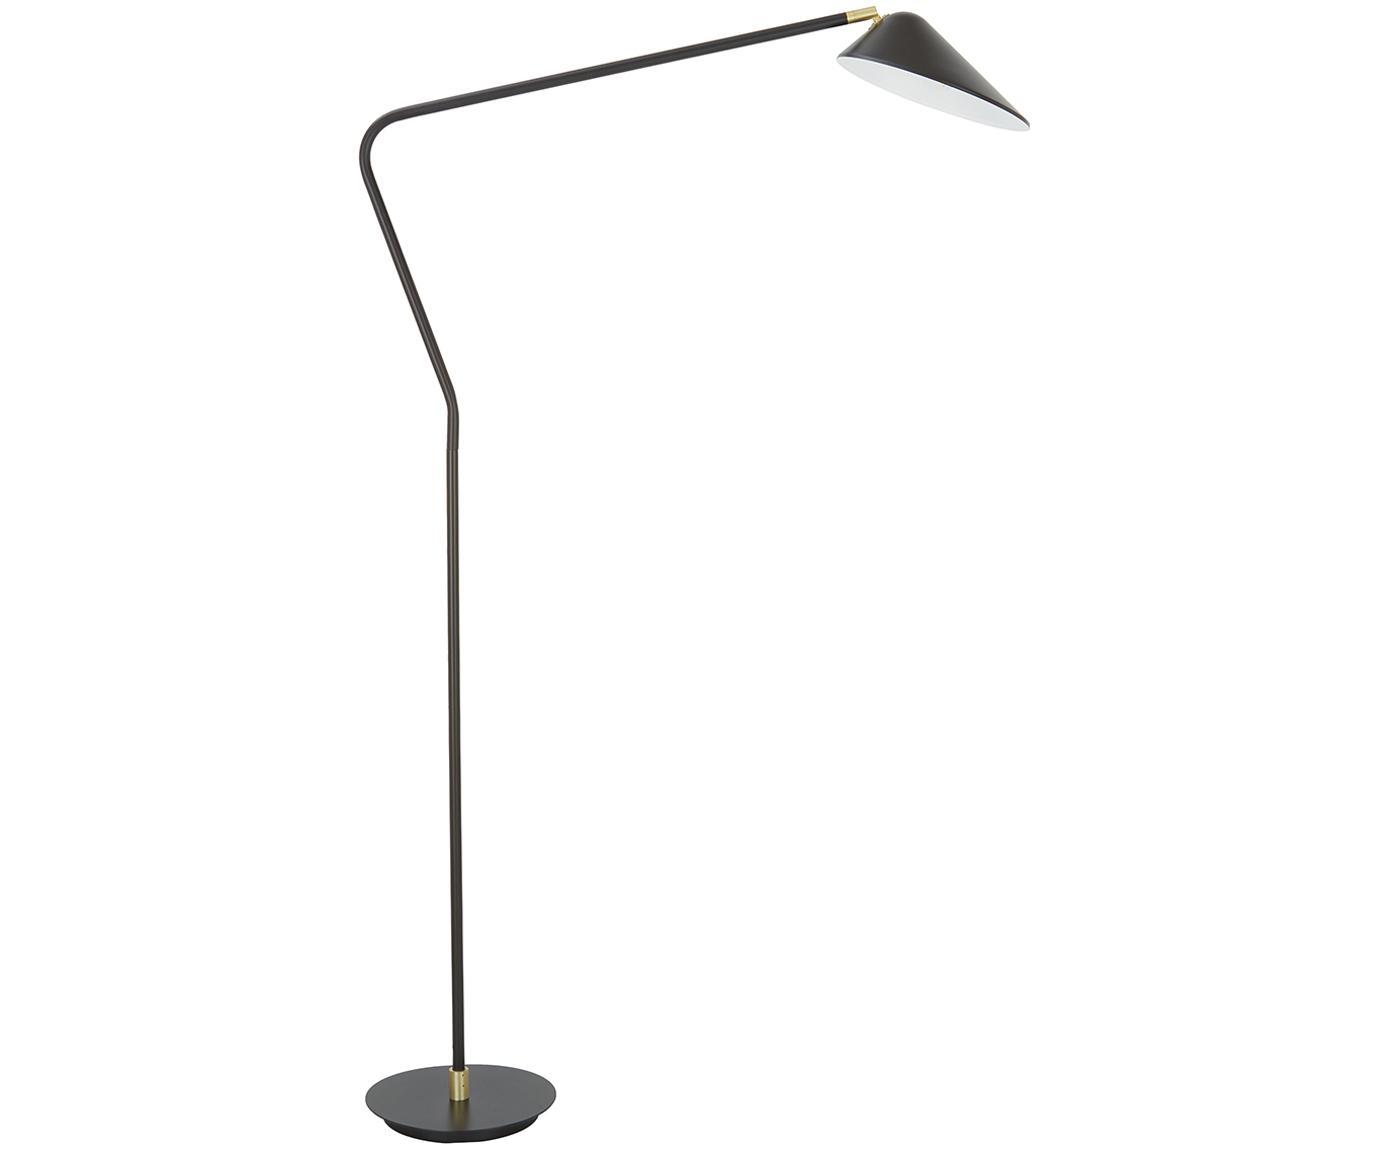 Lámpara de pie Neron, Pantalla: metal con pintura en polv, Cable: cubierto en tela, Negro, An 27 x Al 171 cm